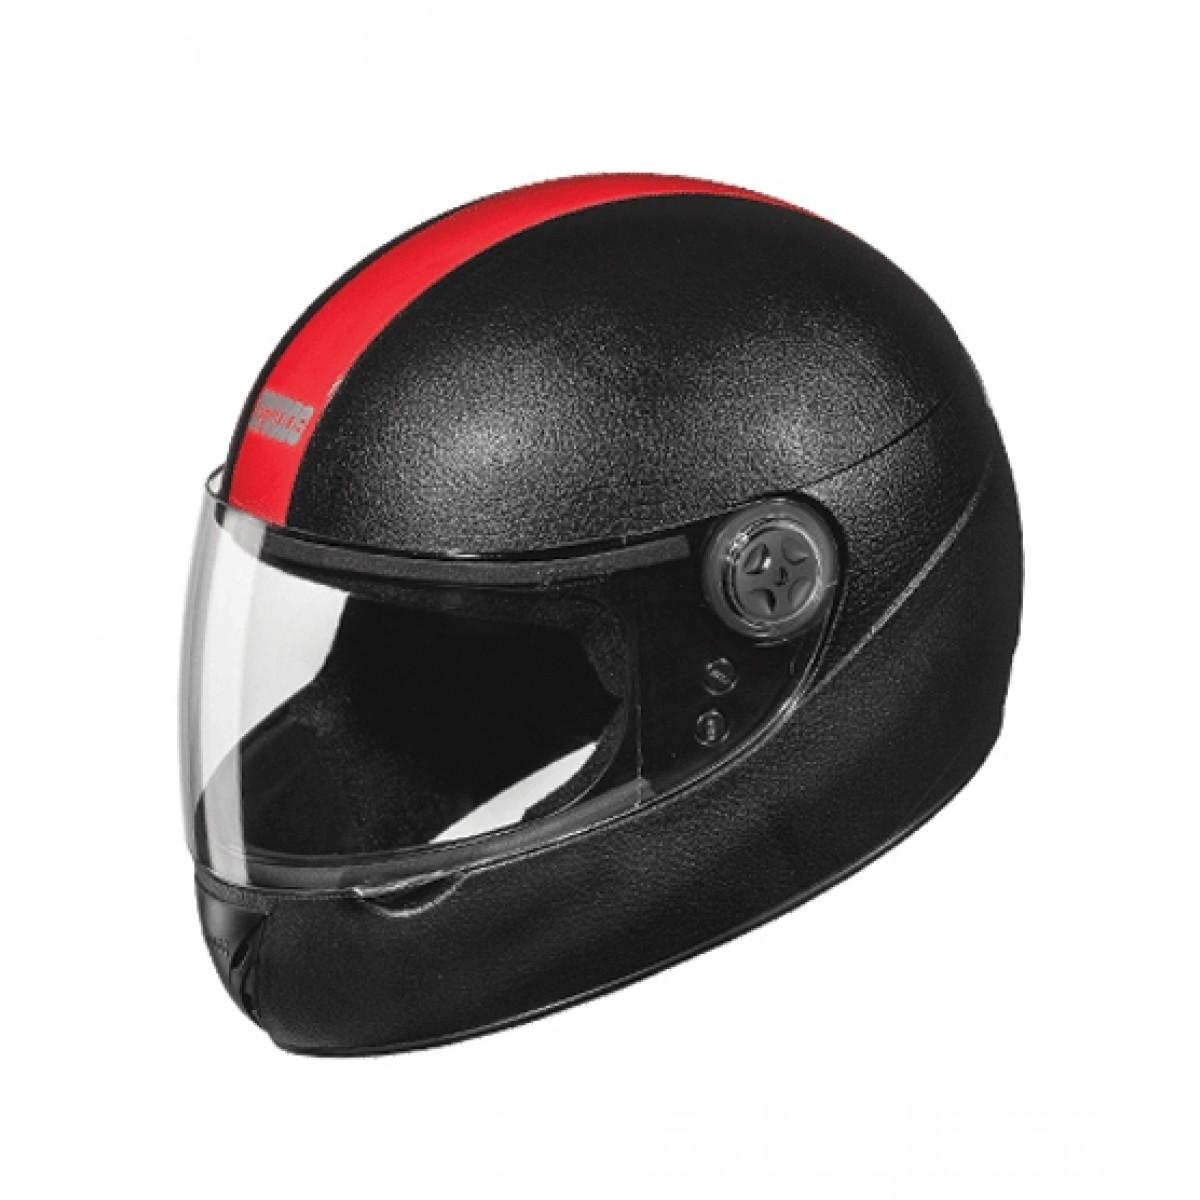 5103c746 Studds Chrome Elite Helmet Black/Red Price in Pakistan | Buy Studds Chrome  Elite Full Face Helmet Black/Red | iShopping.pk